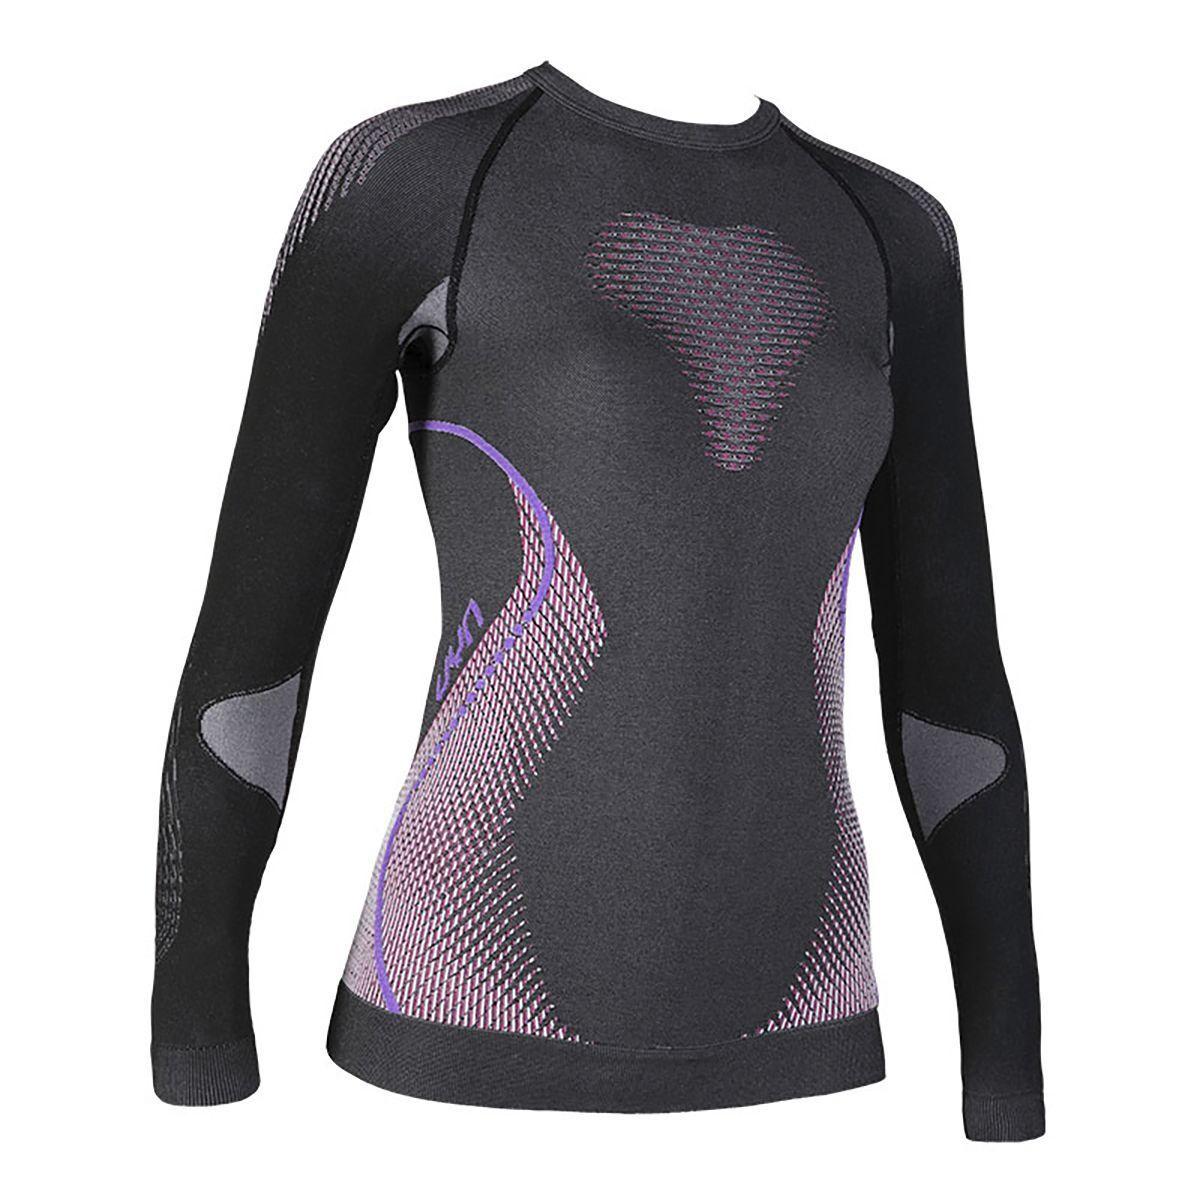 UYN -Evolutyon Baselayer Shirt- Maglia Termica daSie- Anthr lila- U100019 G980